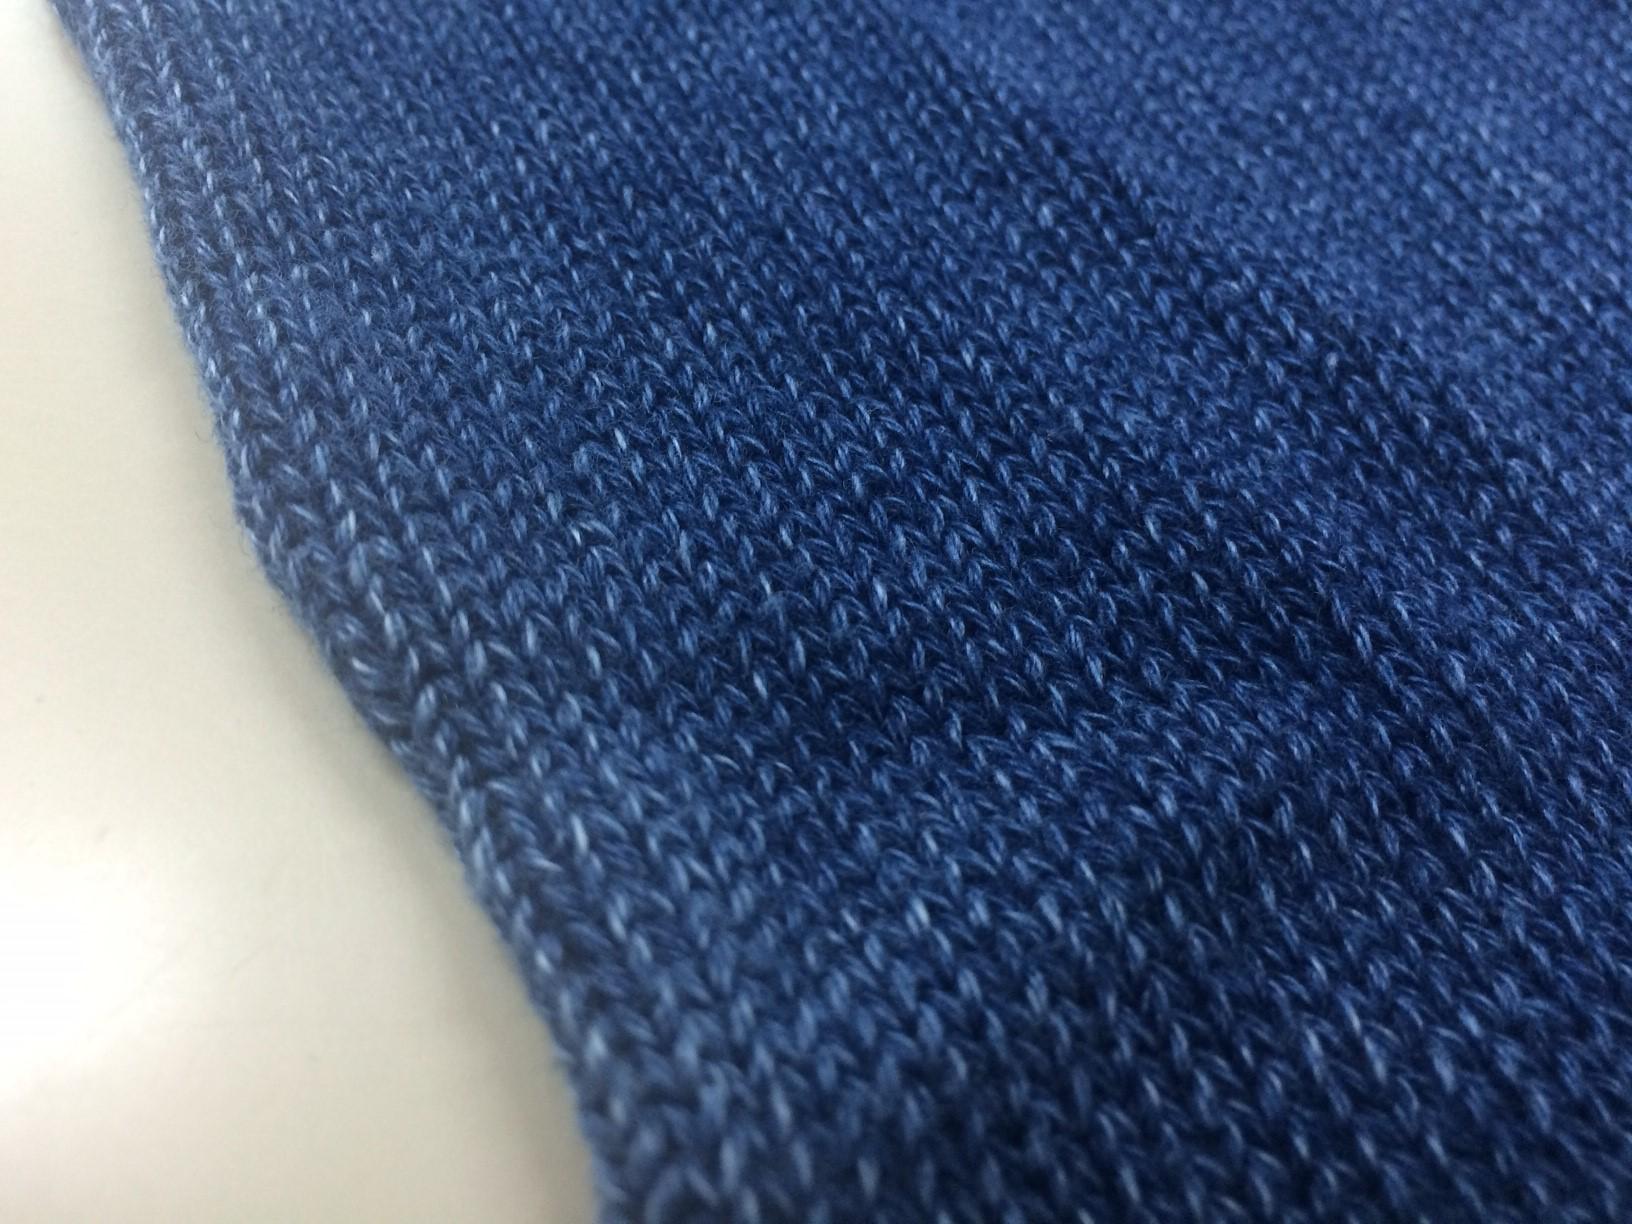 Punto D'oro.のインディゴニット|糸の特徴と加工について